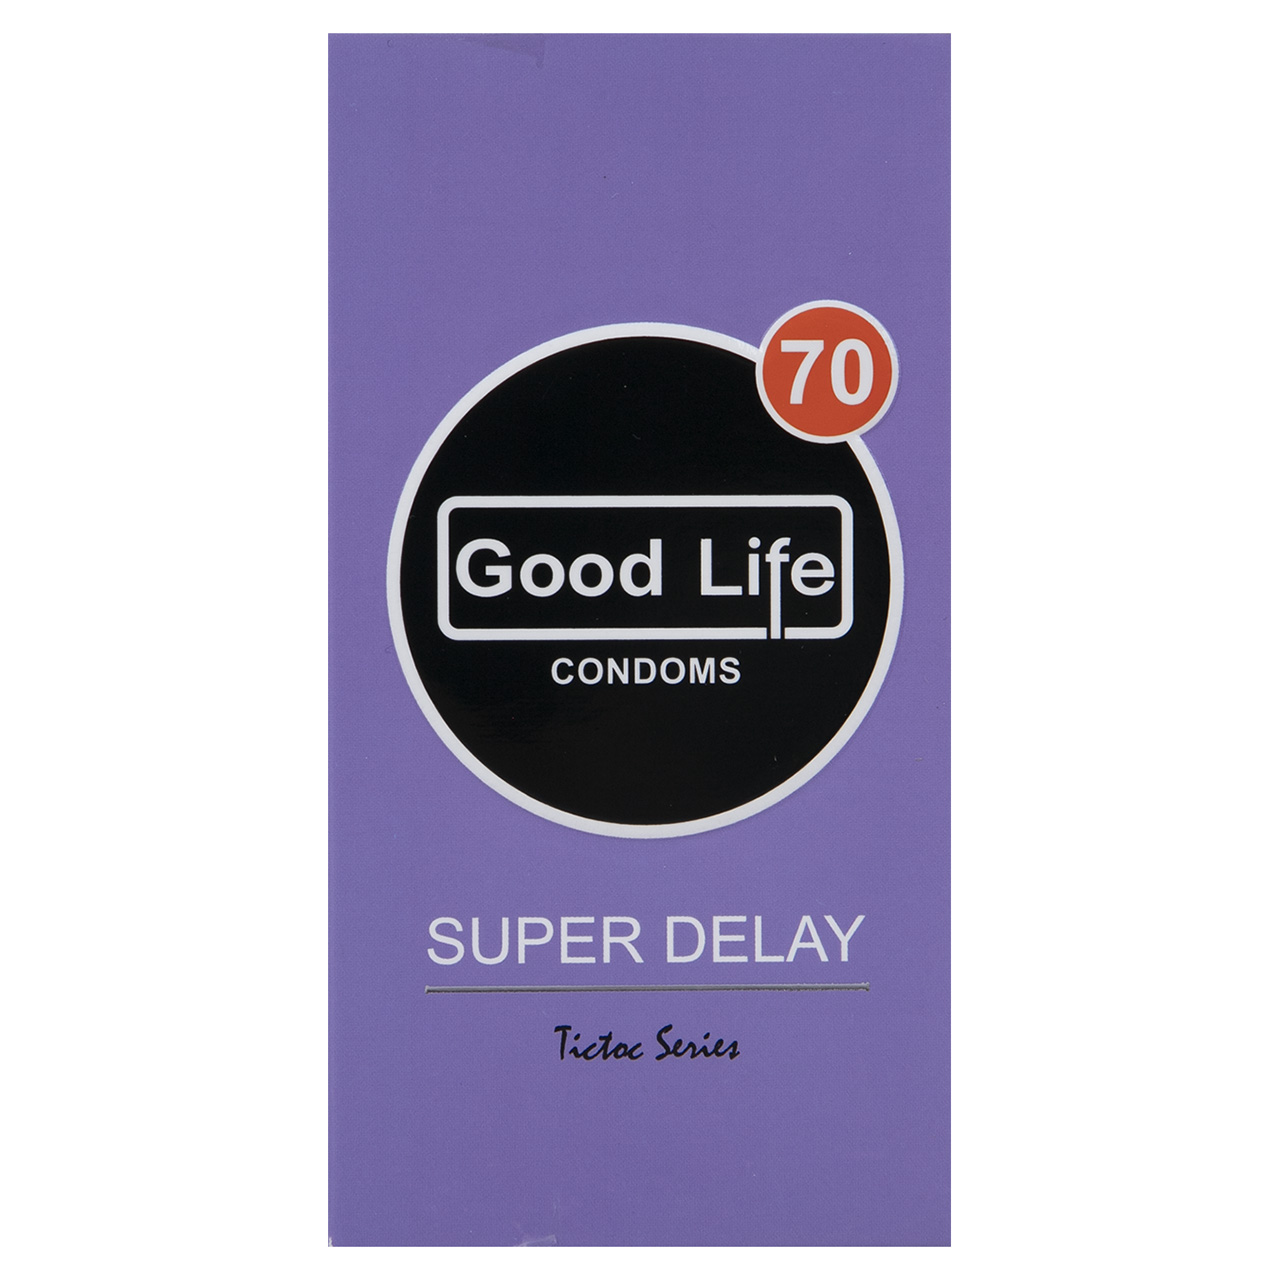 قیمت کاندوم گودلایف مدل Super Delay بسته 12 عددی